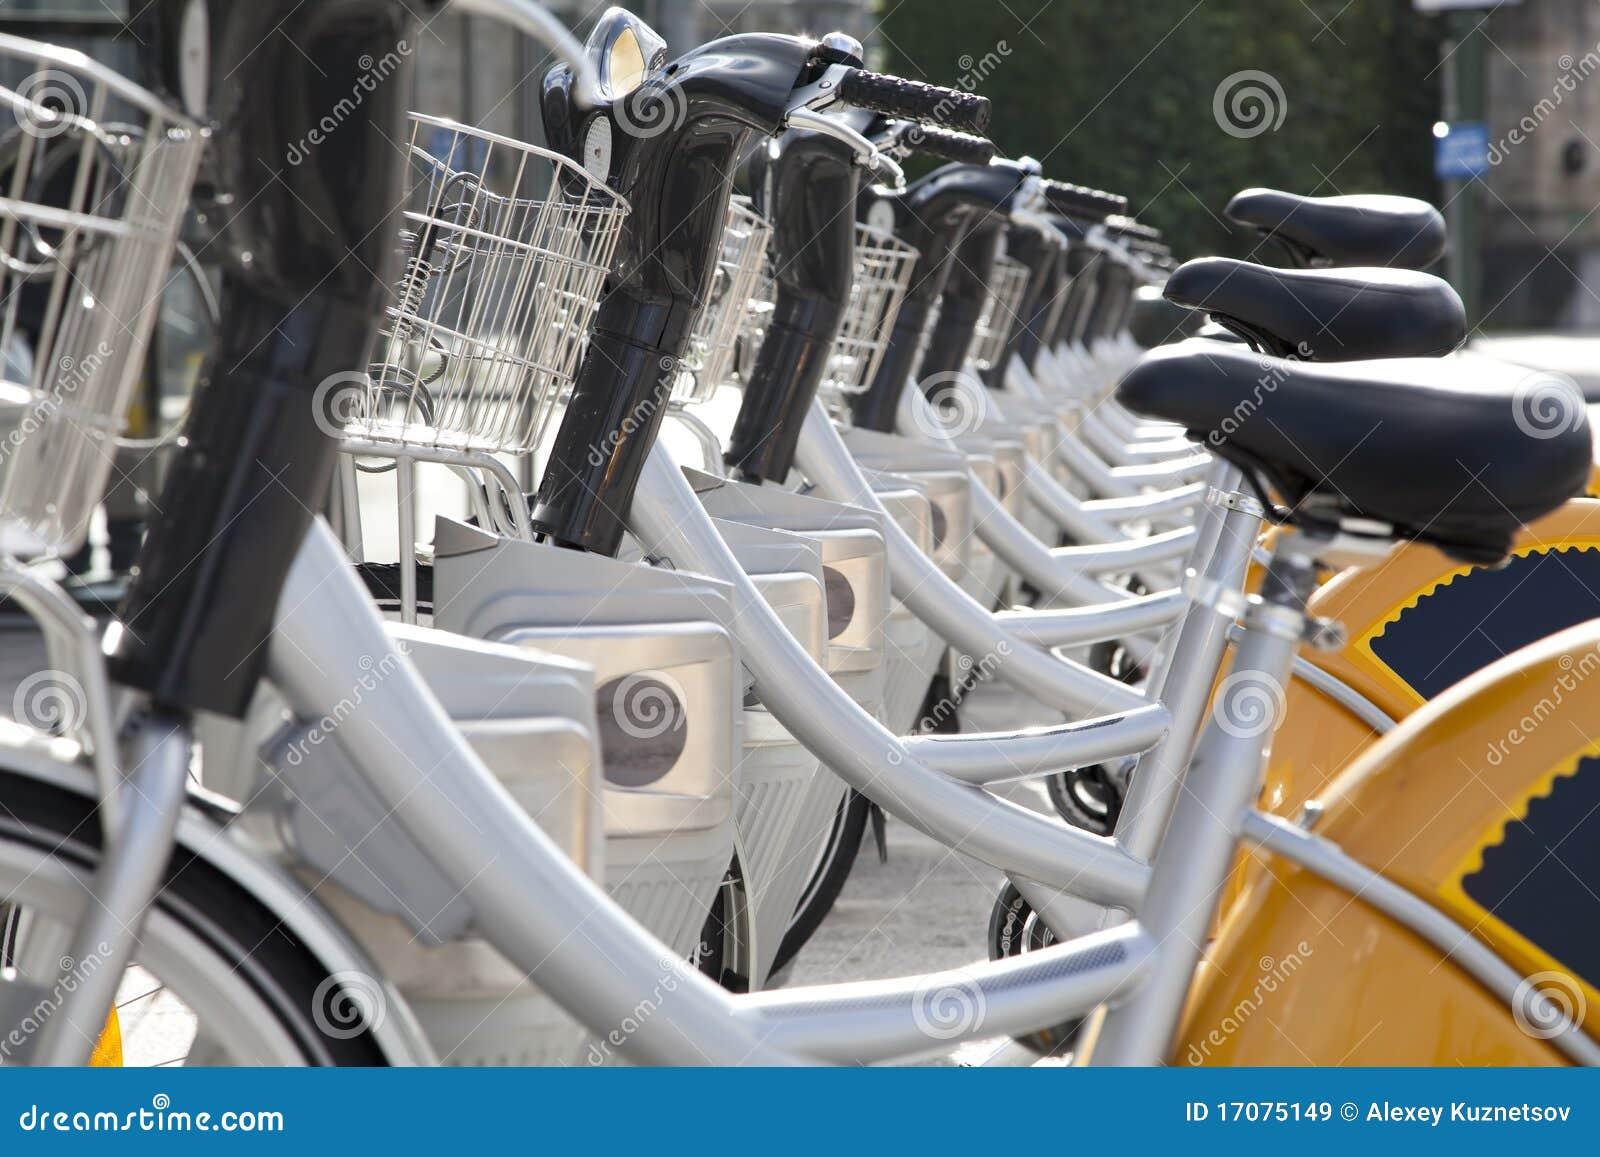 Stadt-Fahrräder für Miete